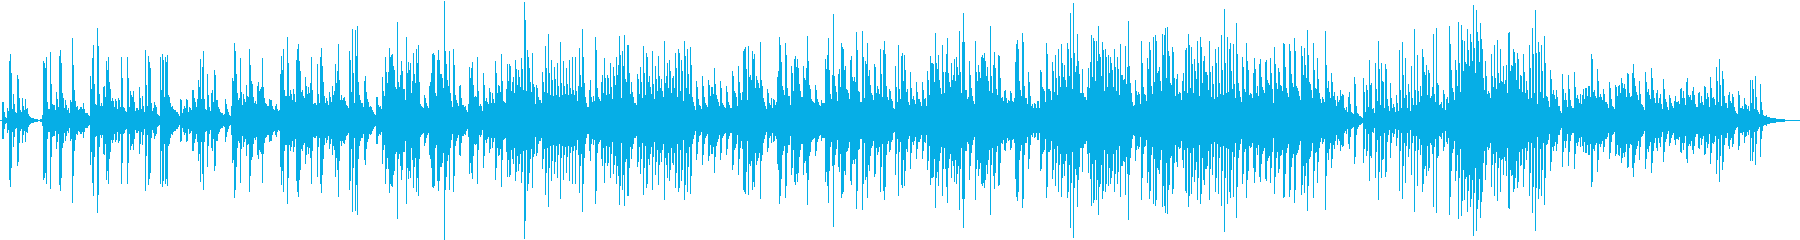 感動的なピアノのバラードの再生済みの波形